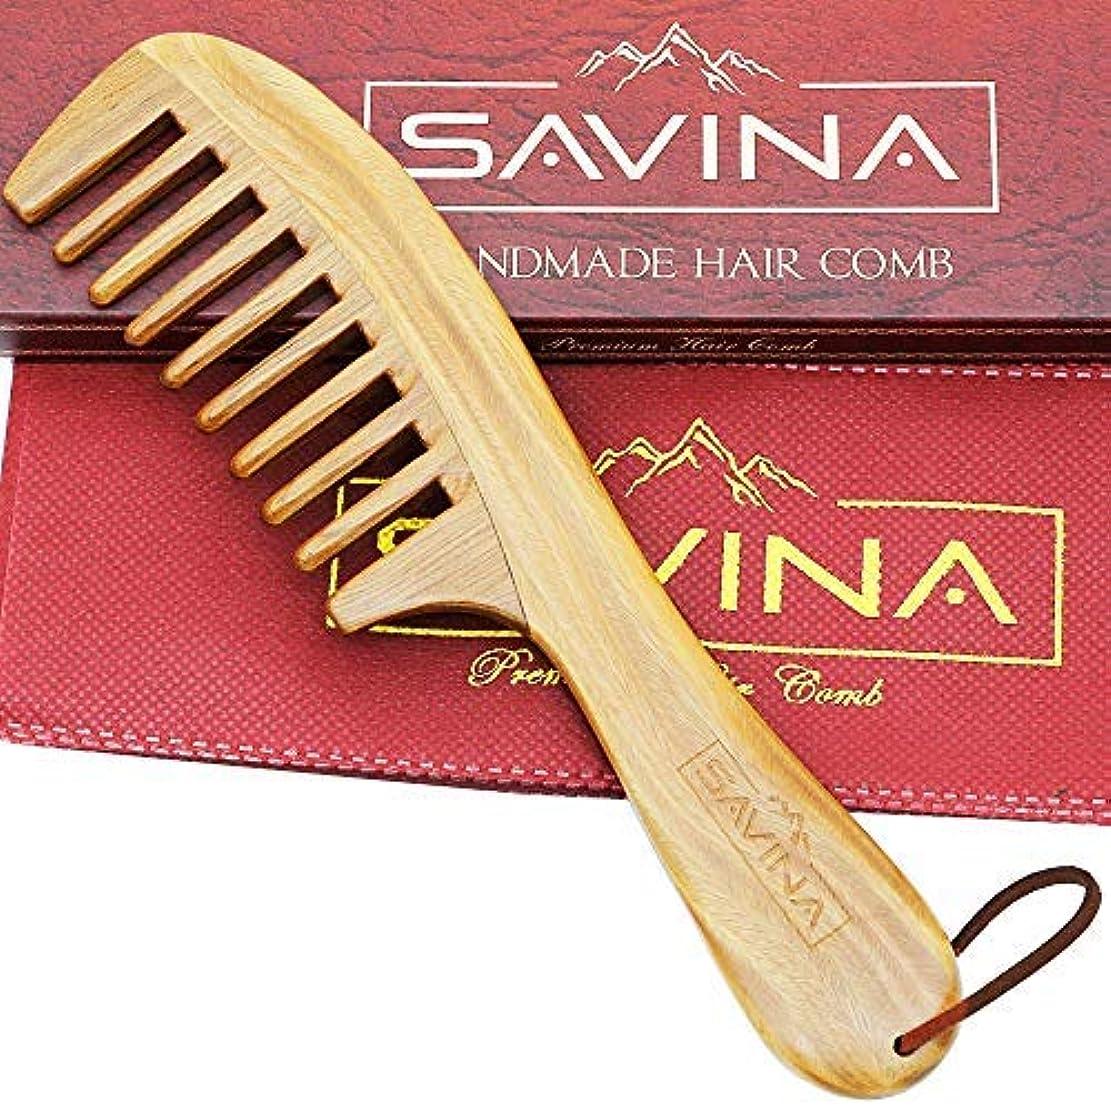 未亡人証書兵士Wooden Comb - 8.6 inch Wide Tooth Wood Comb for Thick, Curly Hair by Savina - Anti Static, Reduces Breakage &...